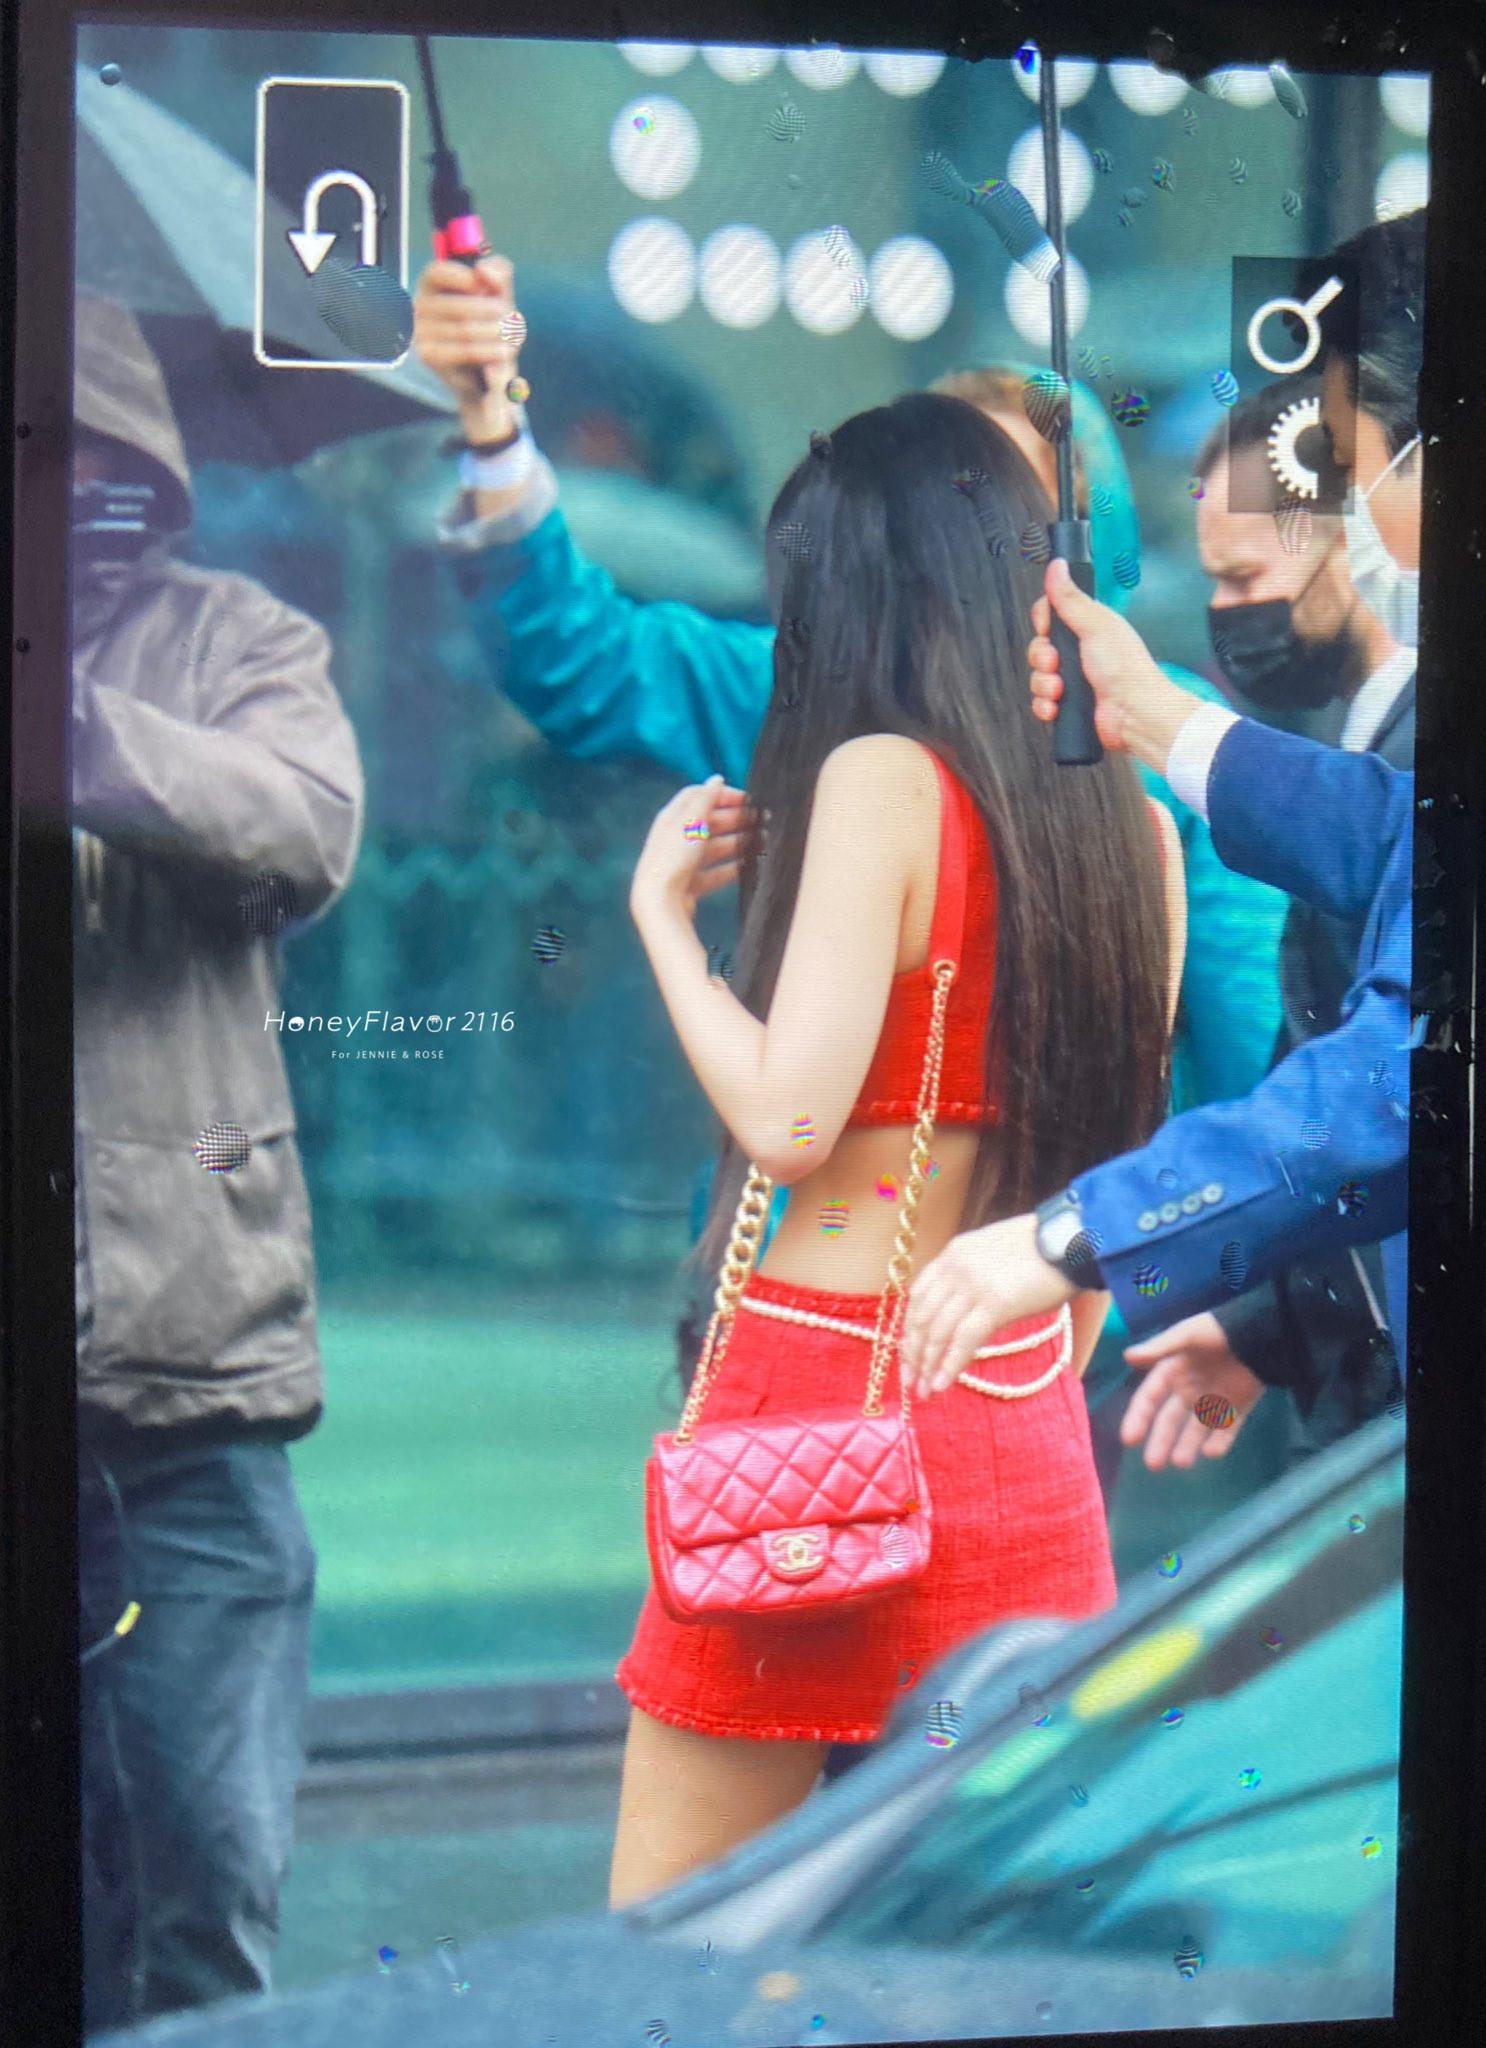 Jennie chiếm spotlight với bộ cánh đỏ rực, vòng 1 căng tràn dự show Chanel